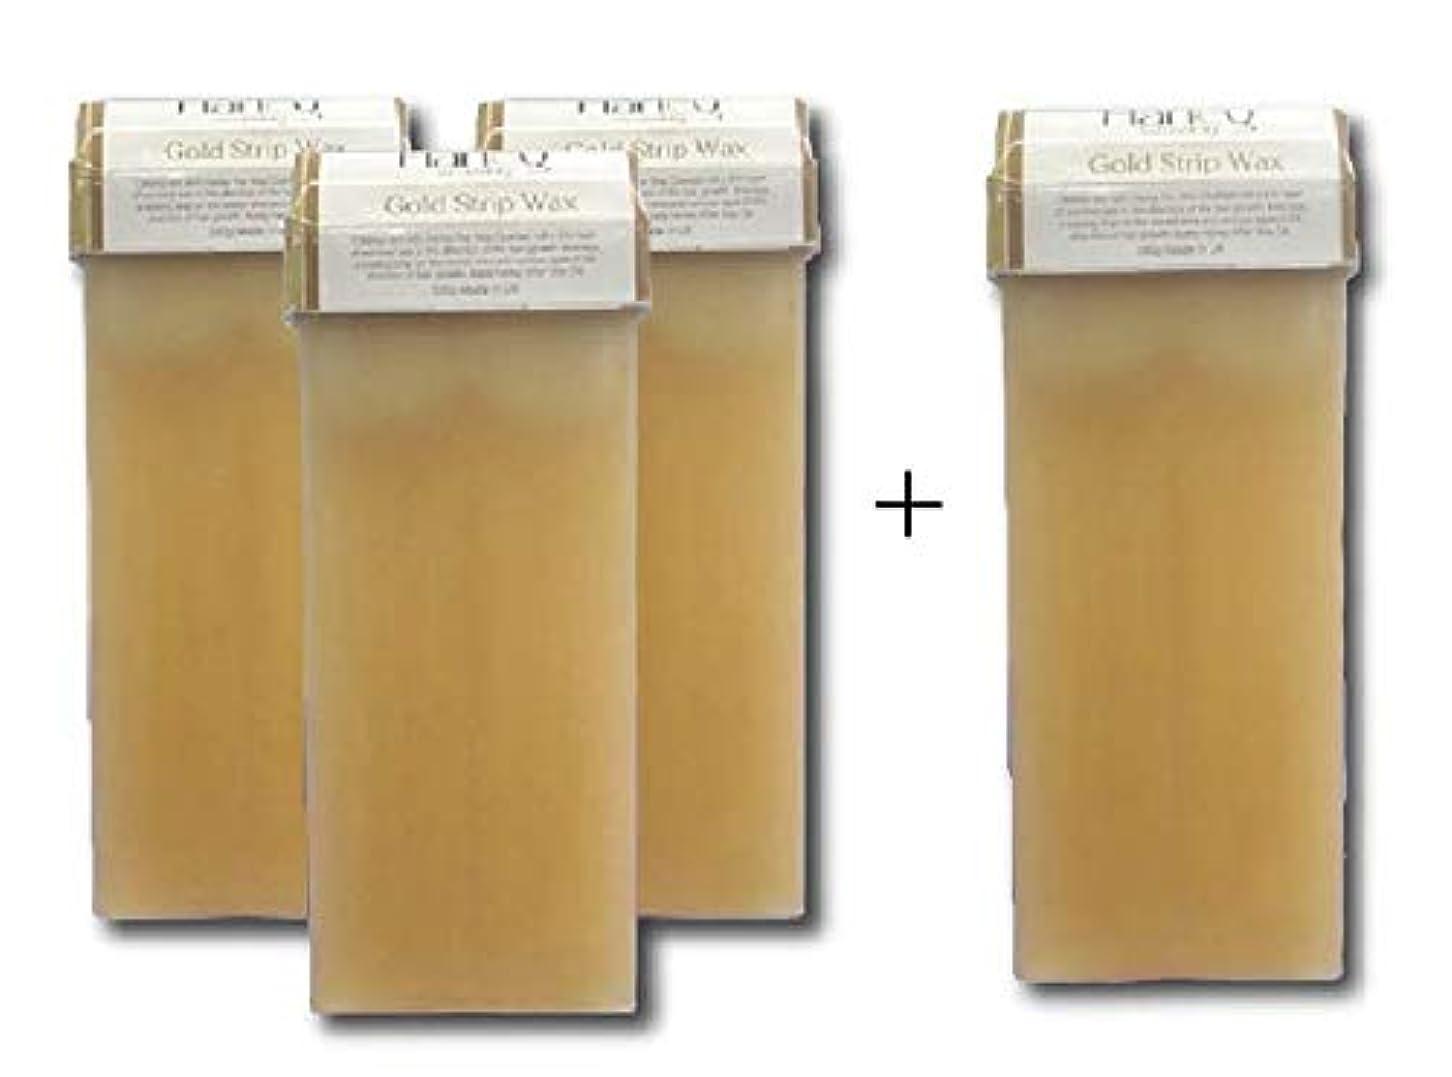 バンガローローンエジプト人セルフ脱毛 ゴールドワックス 100g 3本セット+もれなく1本プレゼント ブラジリアンワックス メンズ脱毛